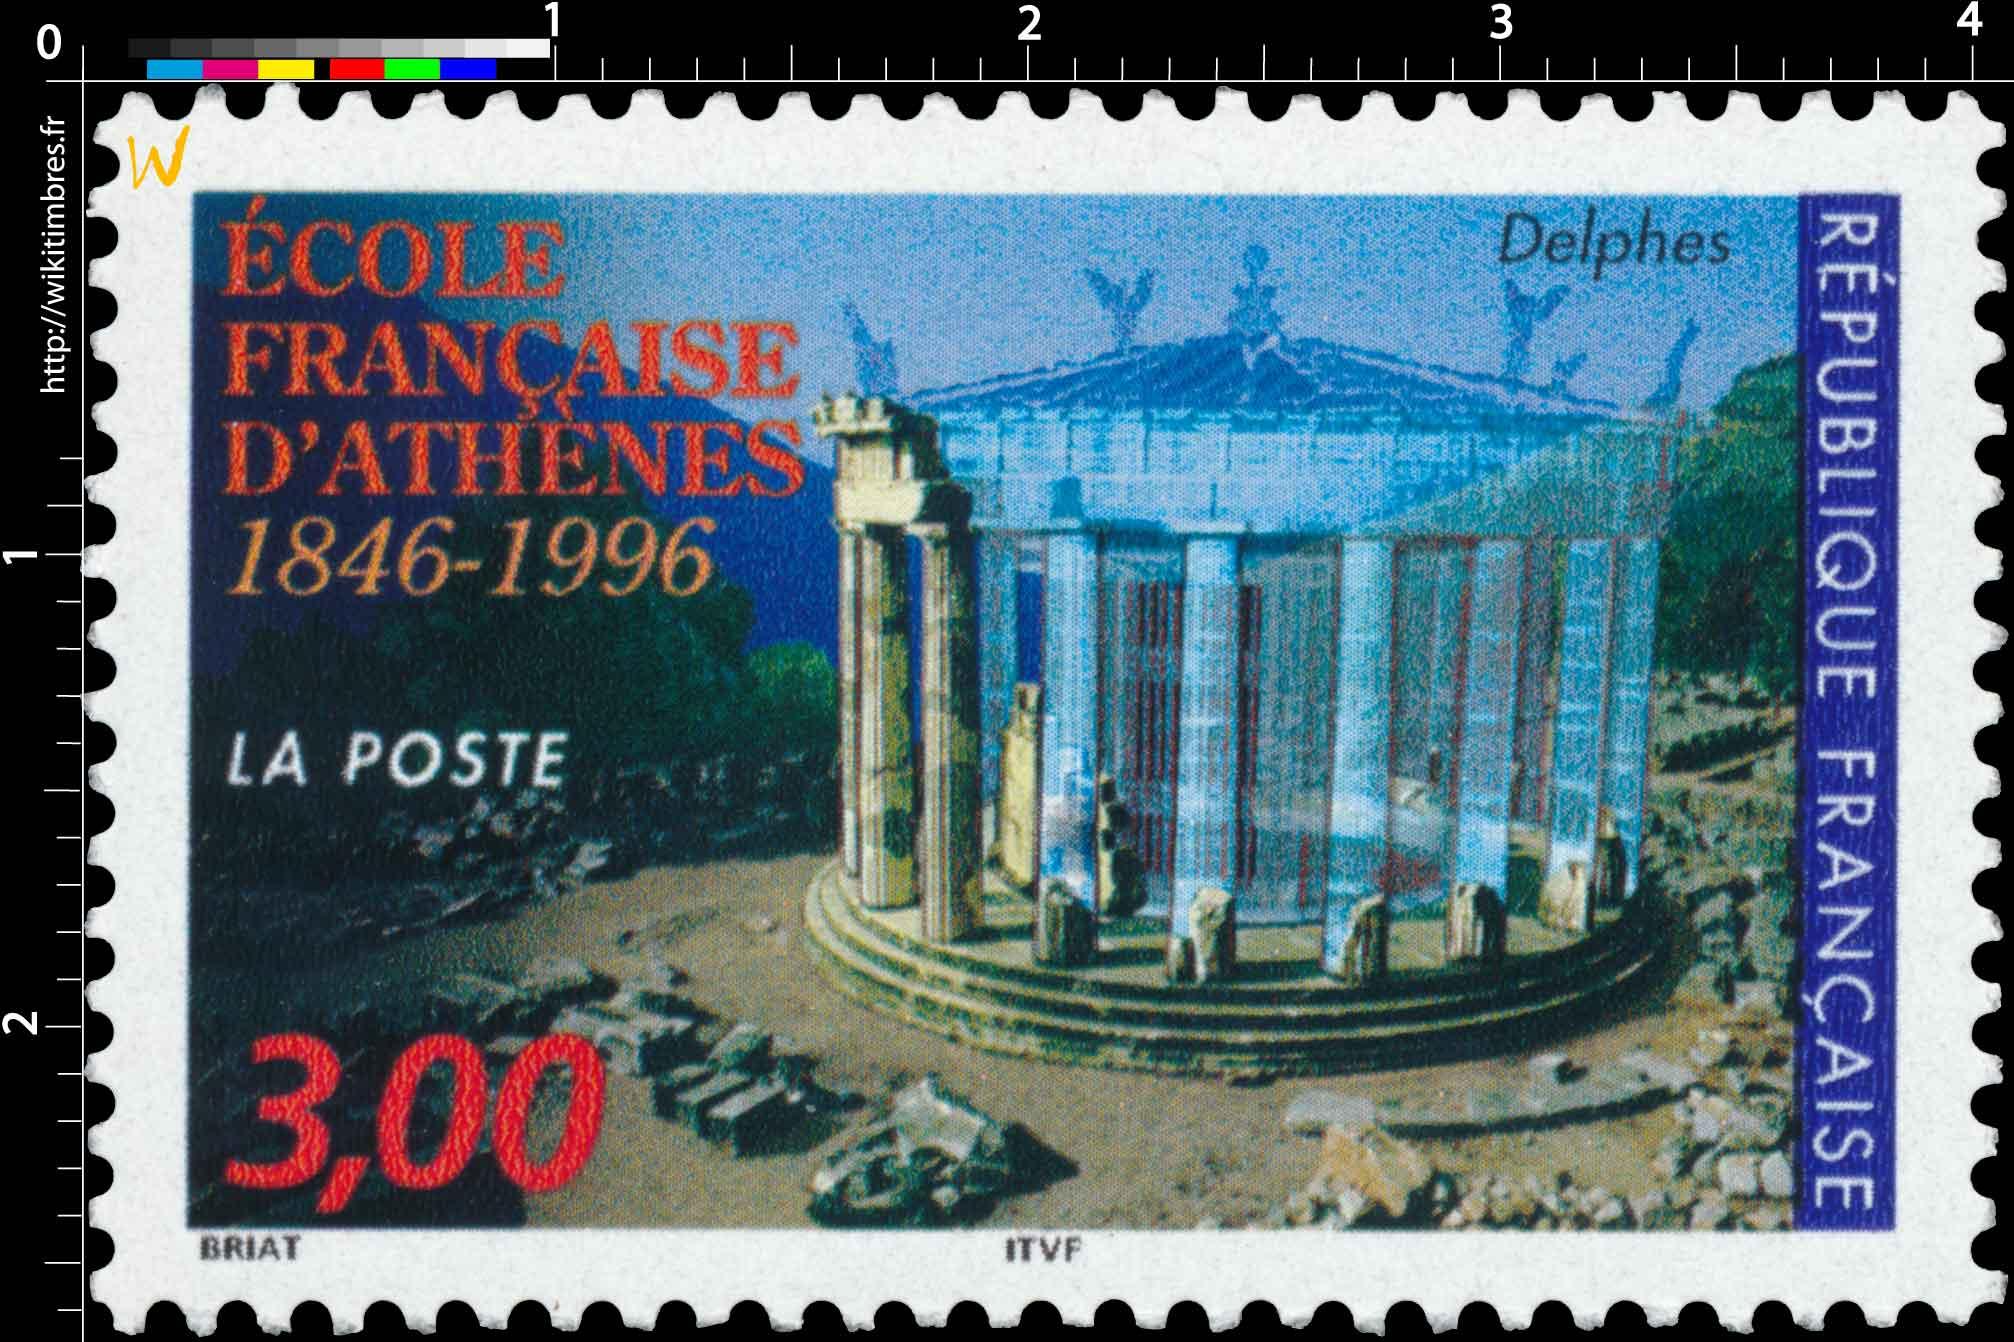 ÉCOLE FRANÇAISE D'ATHÈNES 1846-1996 Delphes